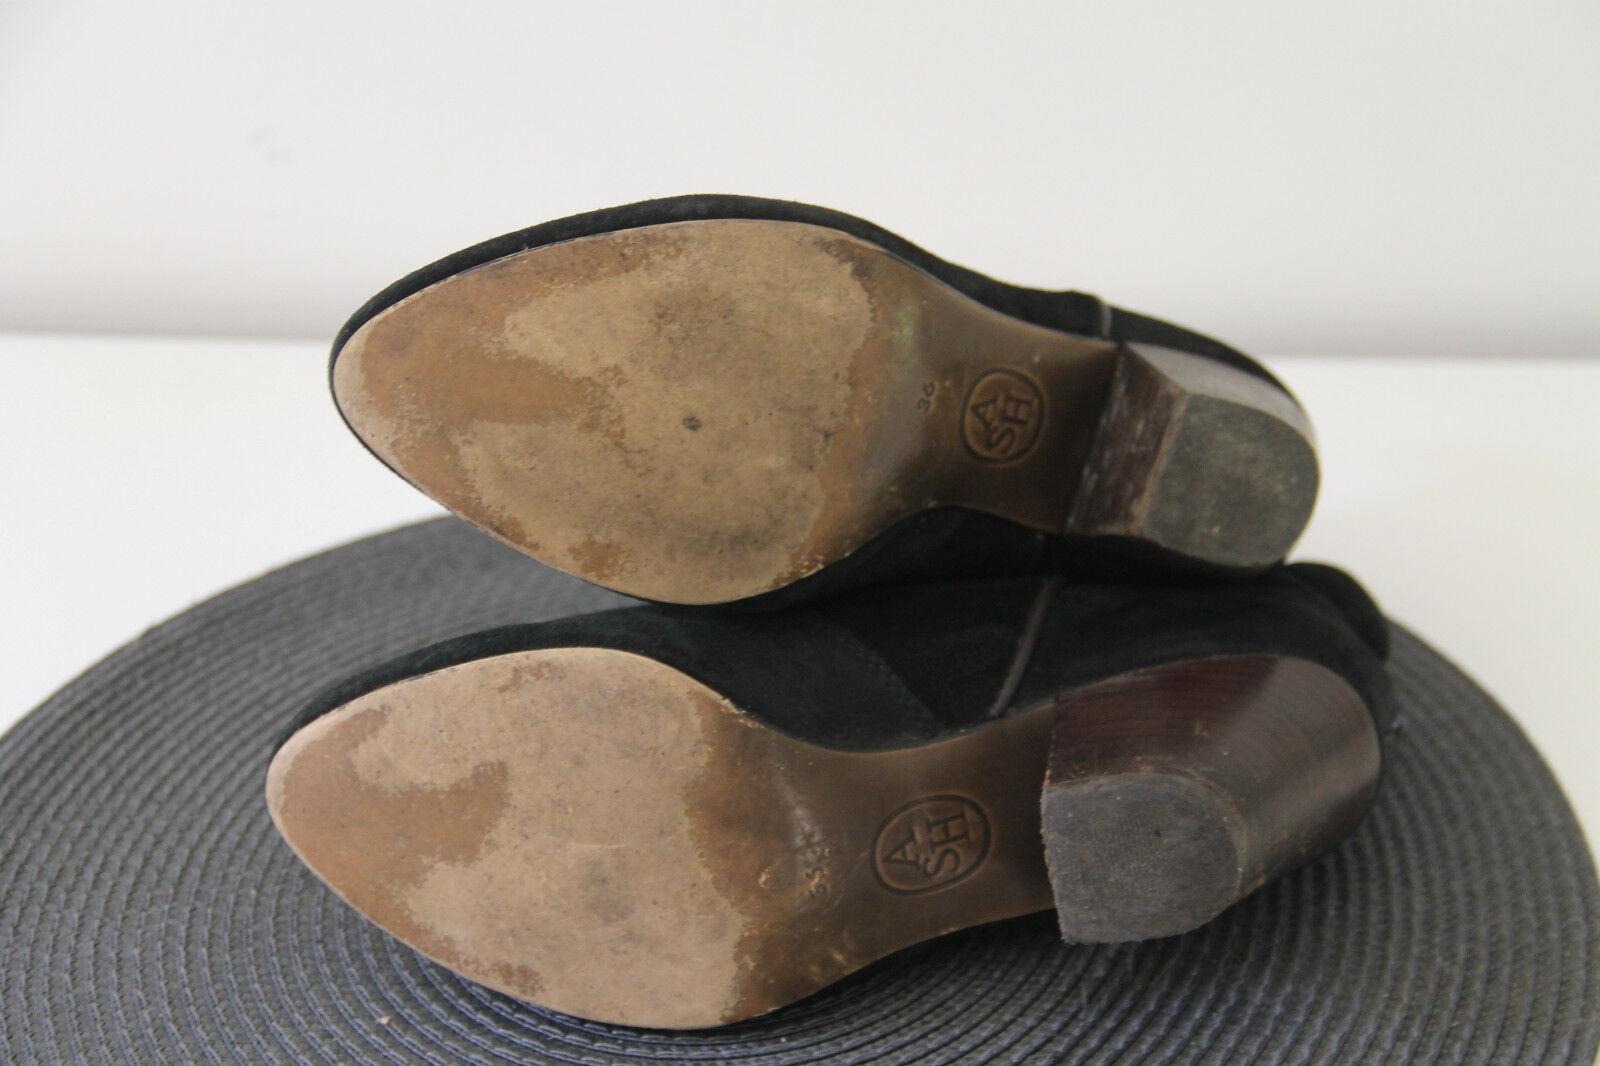 Carini stivali in pelle scamosciata nero ASH taglia 36 in in in perfette condizioni | Rifornimento Sufficiente  | Uomo/Donne Scarpa  18d093